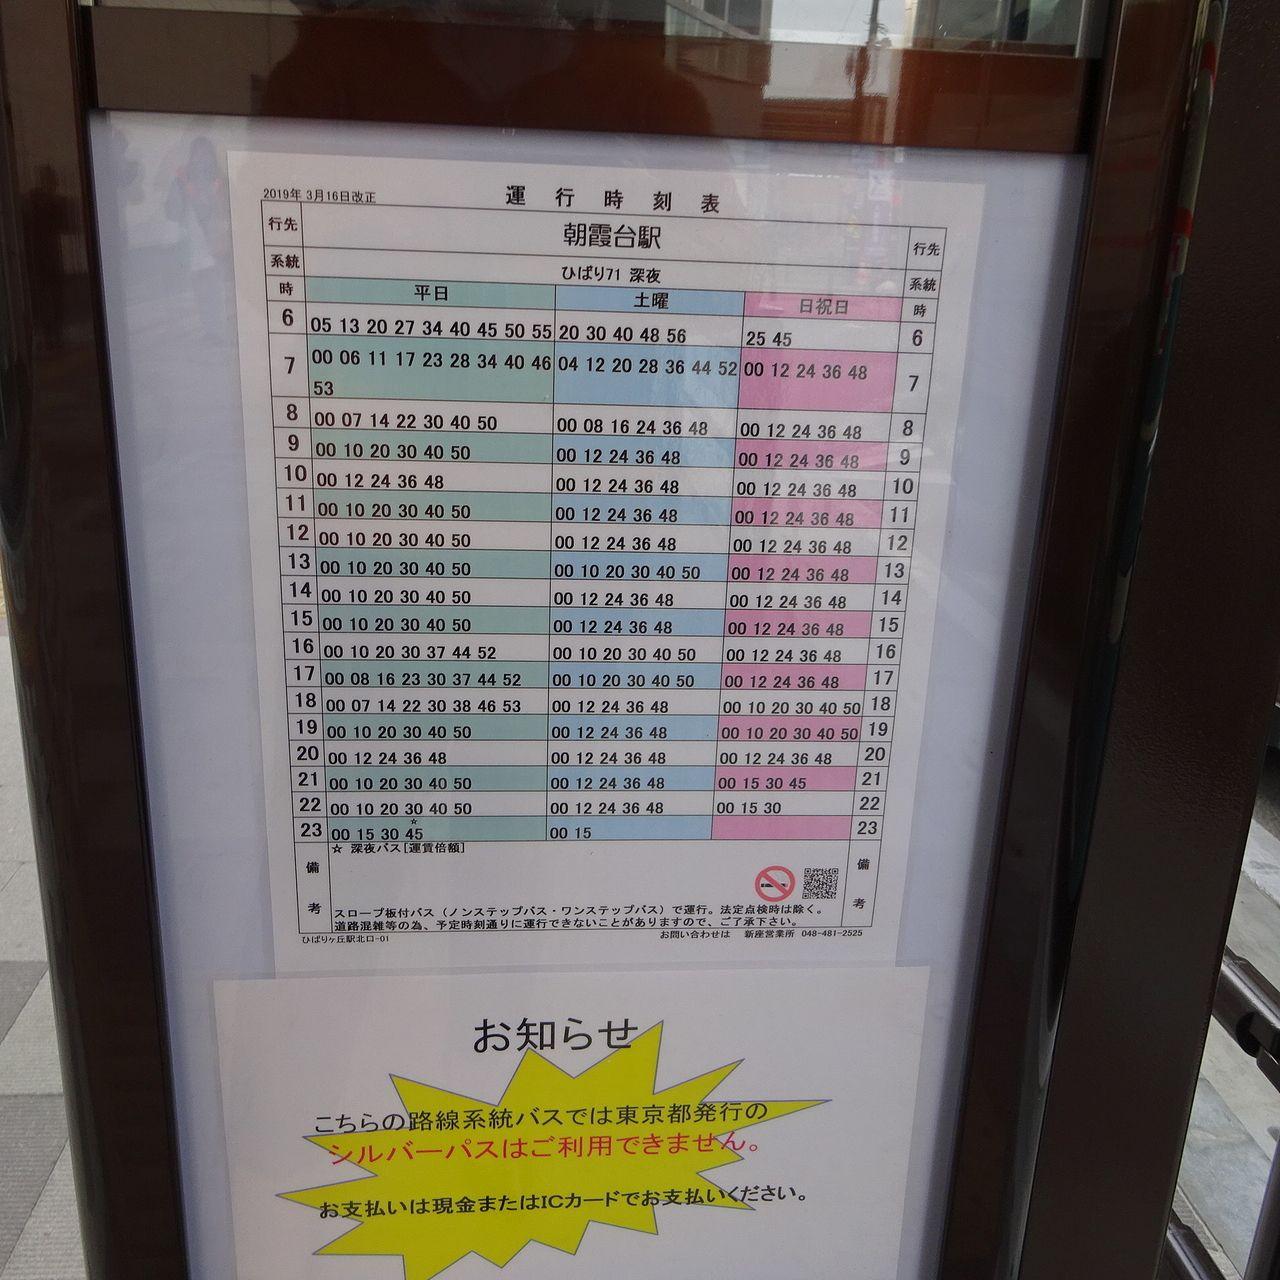 朝霞台行きバスの時刻表